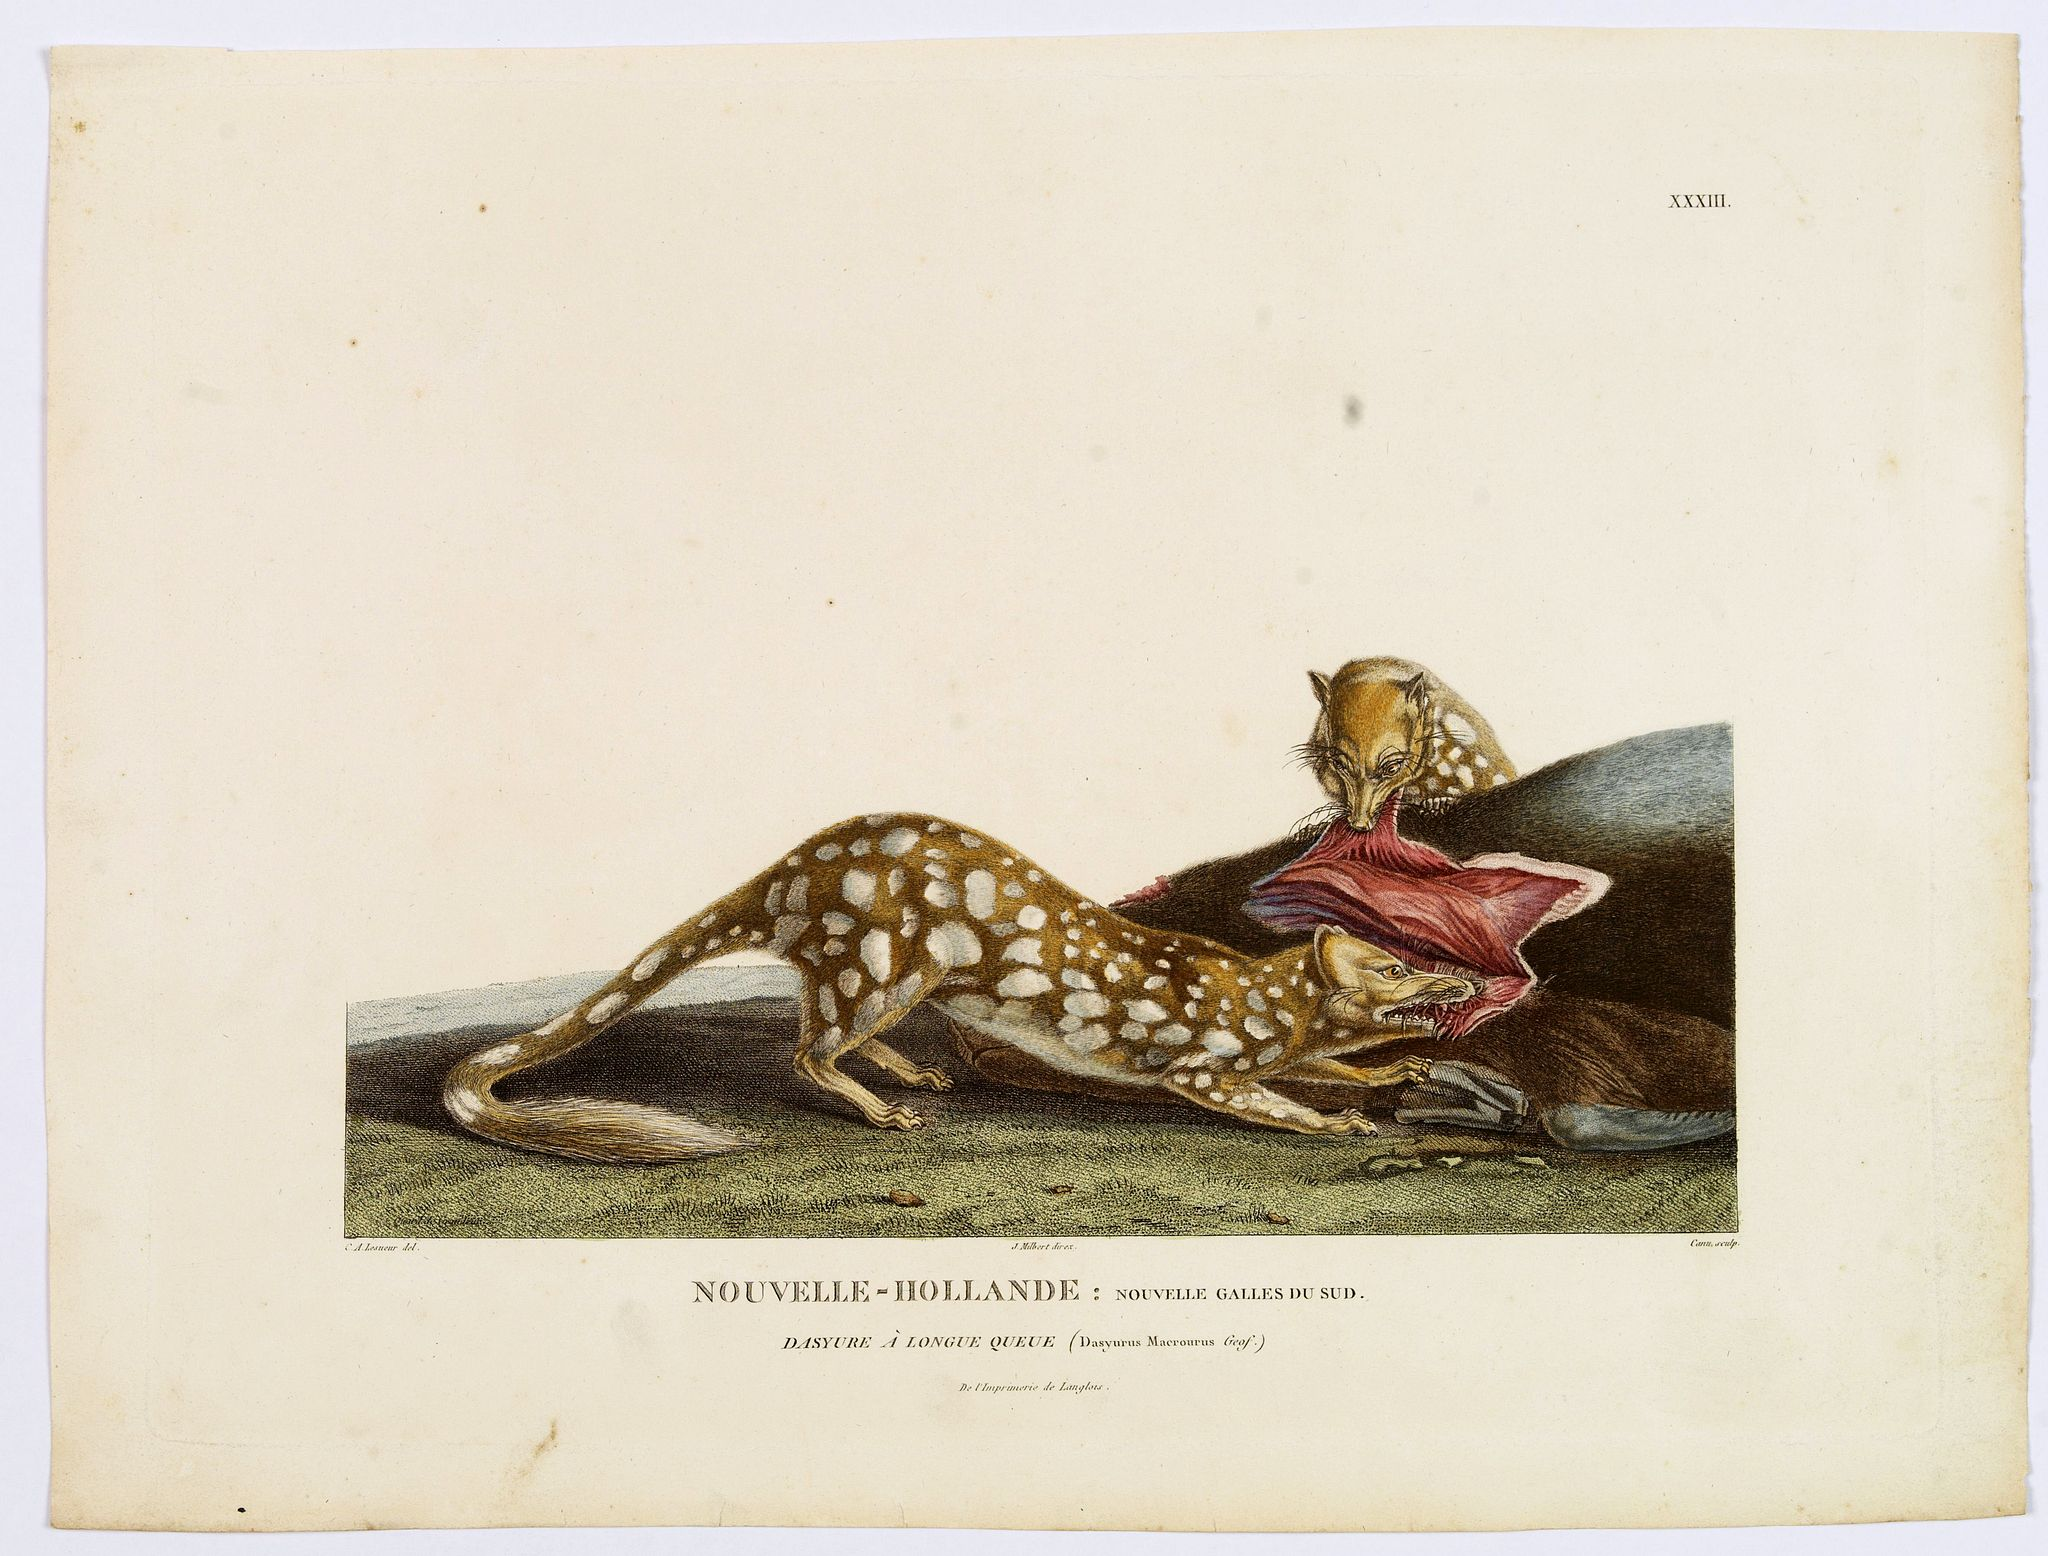 LESUEUR, C-A. / PERON, F. -  Nouvelle-Hollande: Nouvelle Galles du Sud. Dasyure a Longue Queue. [plate XXXIII]